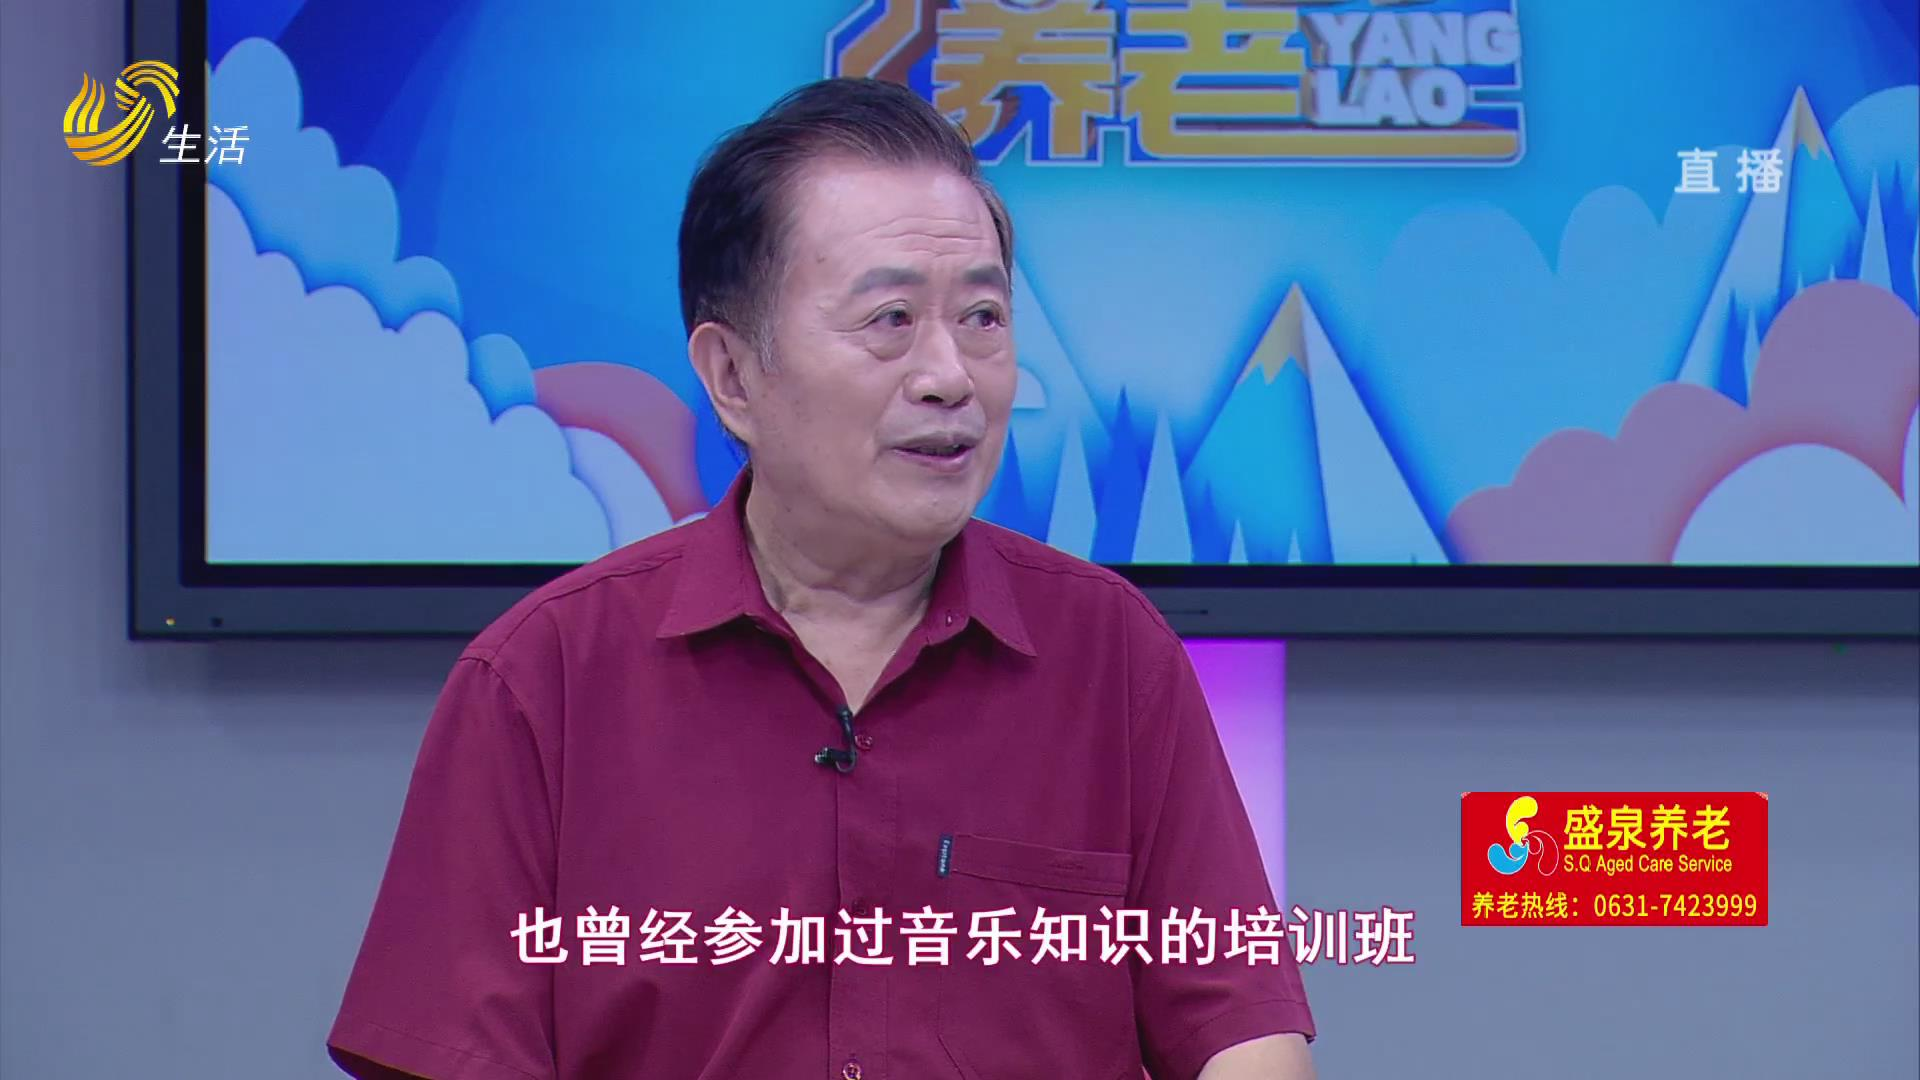 中国式养老-高翔:内向团长温柔心